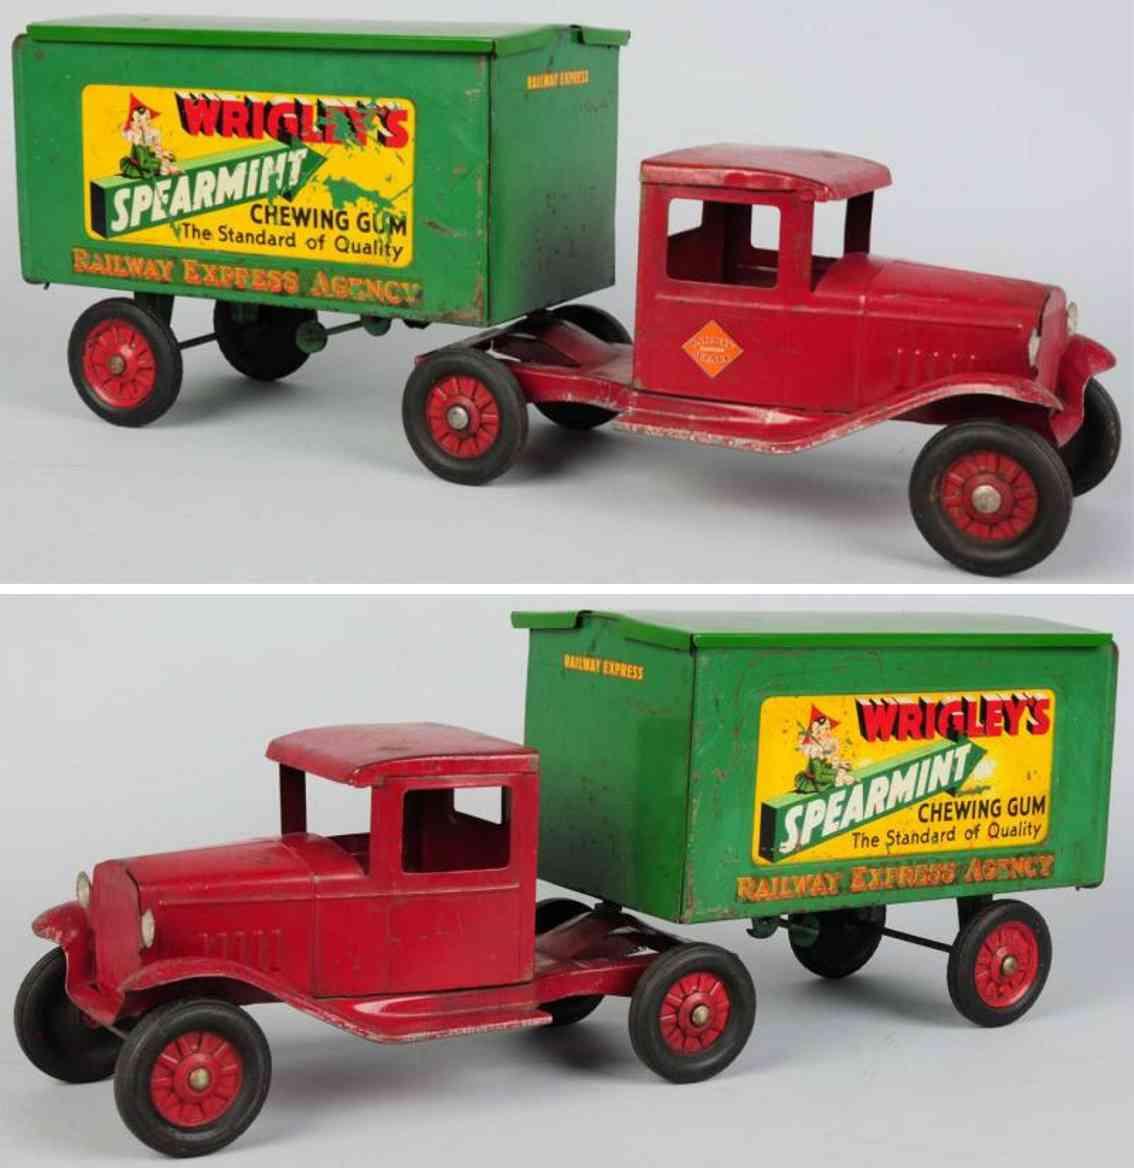 buddy l spielzeug stahlblech spielzeug lastwagen wrigley's spearmint